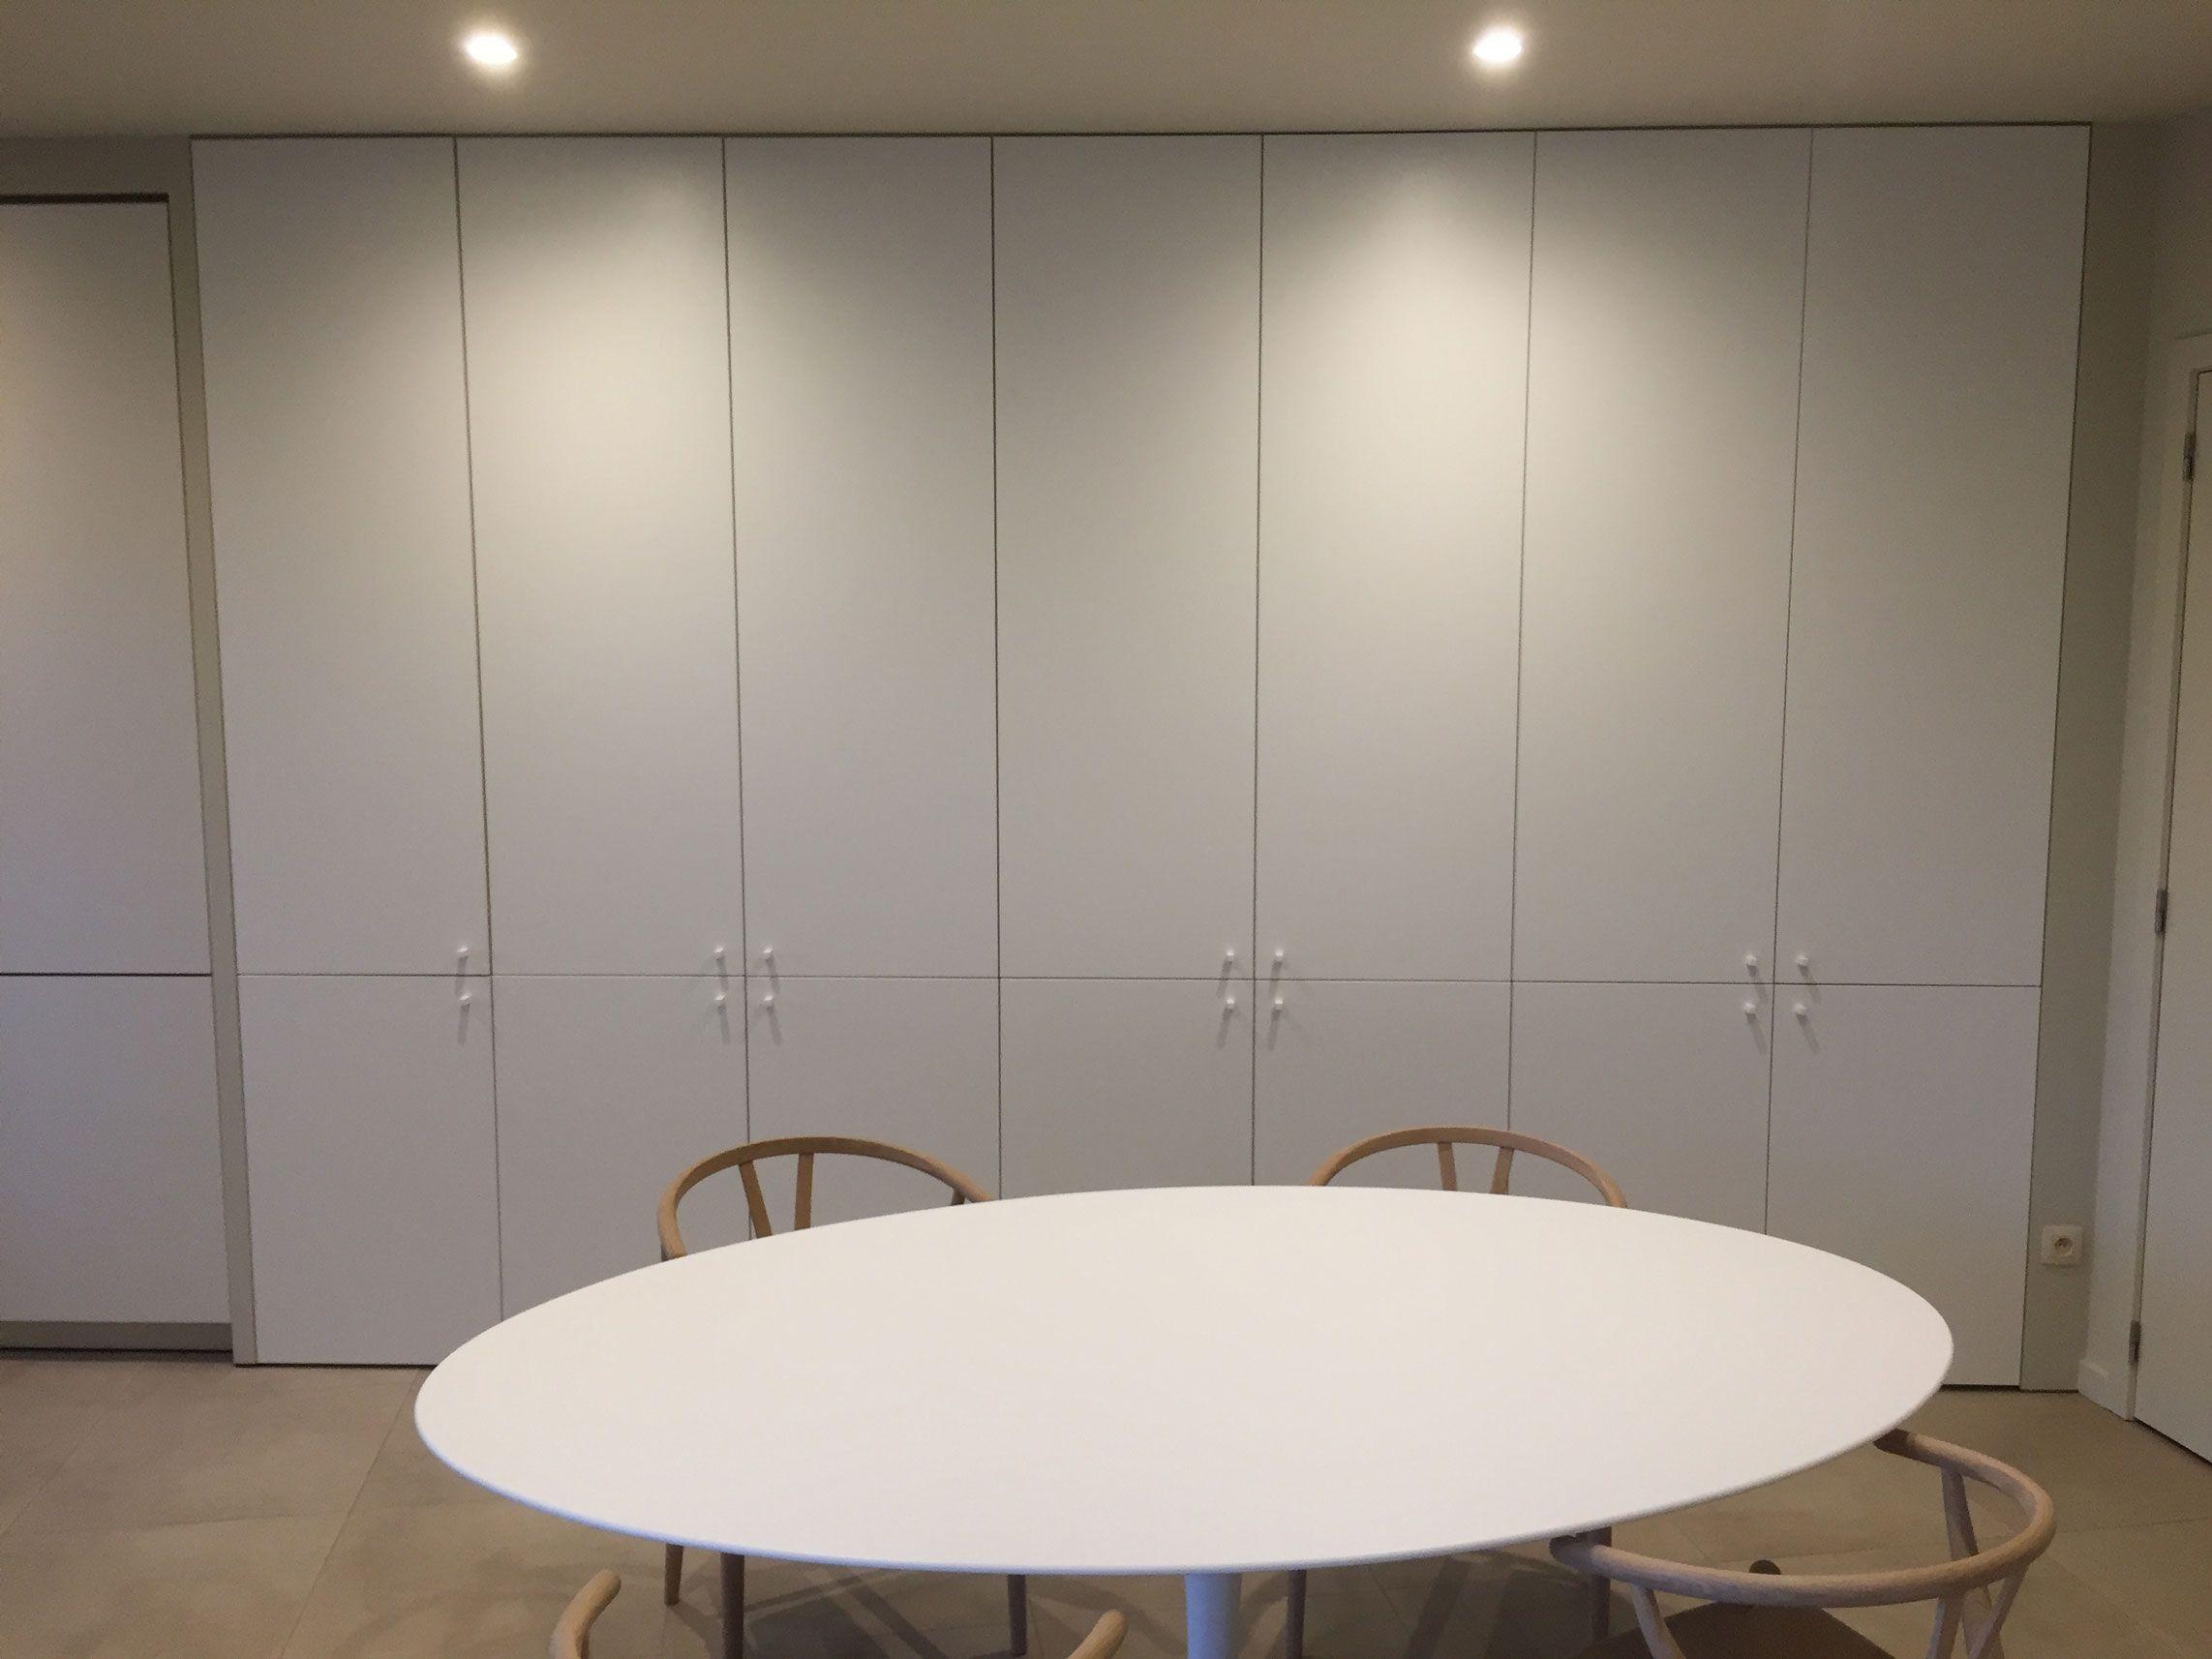 De maatkast in de eetkamer is in dezelfde minimalistische uitvoering